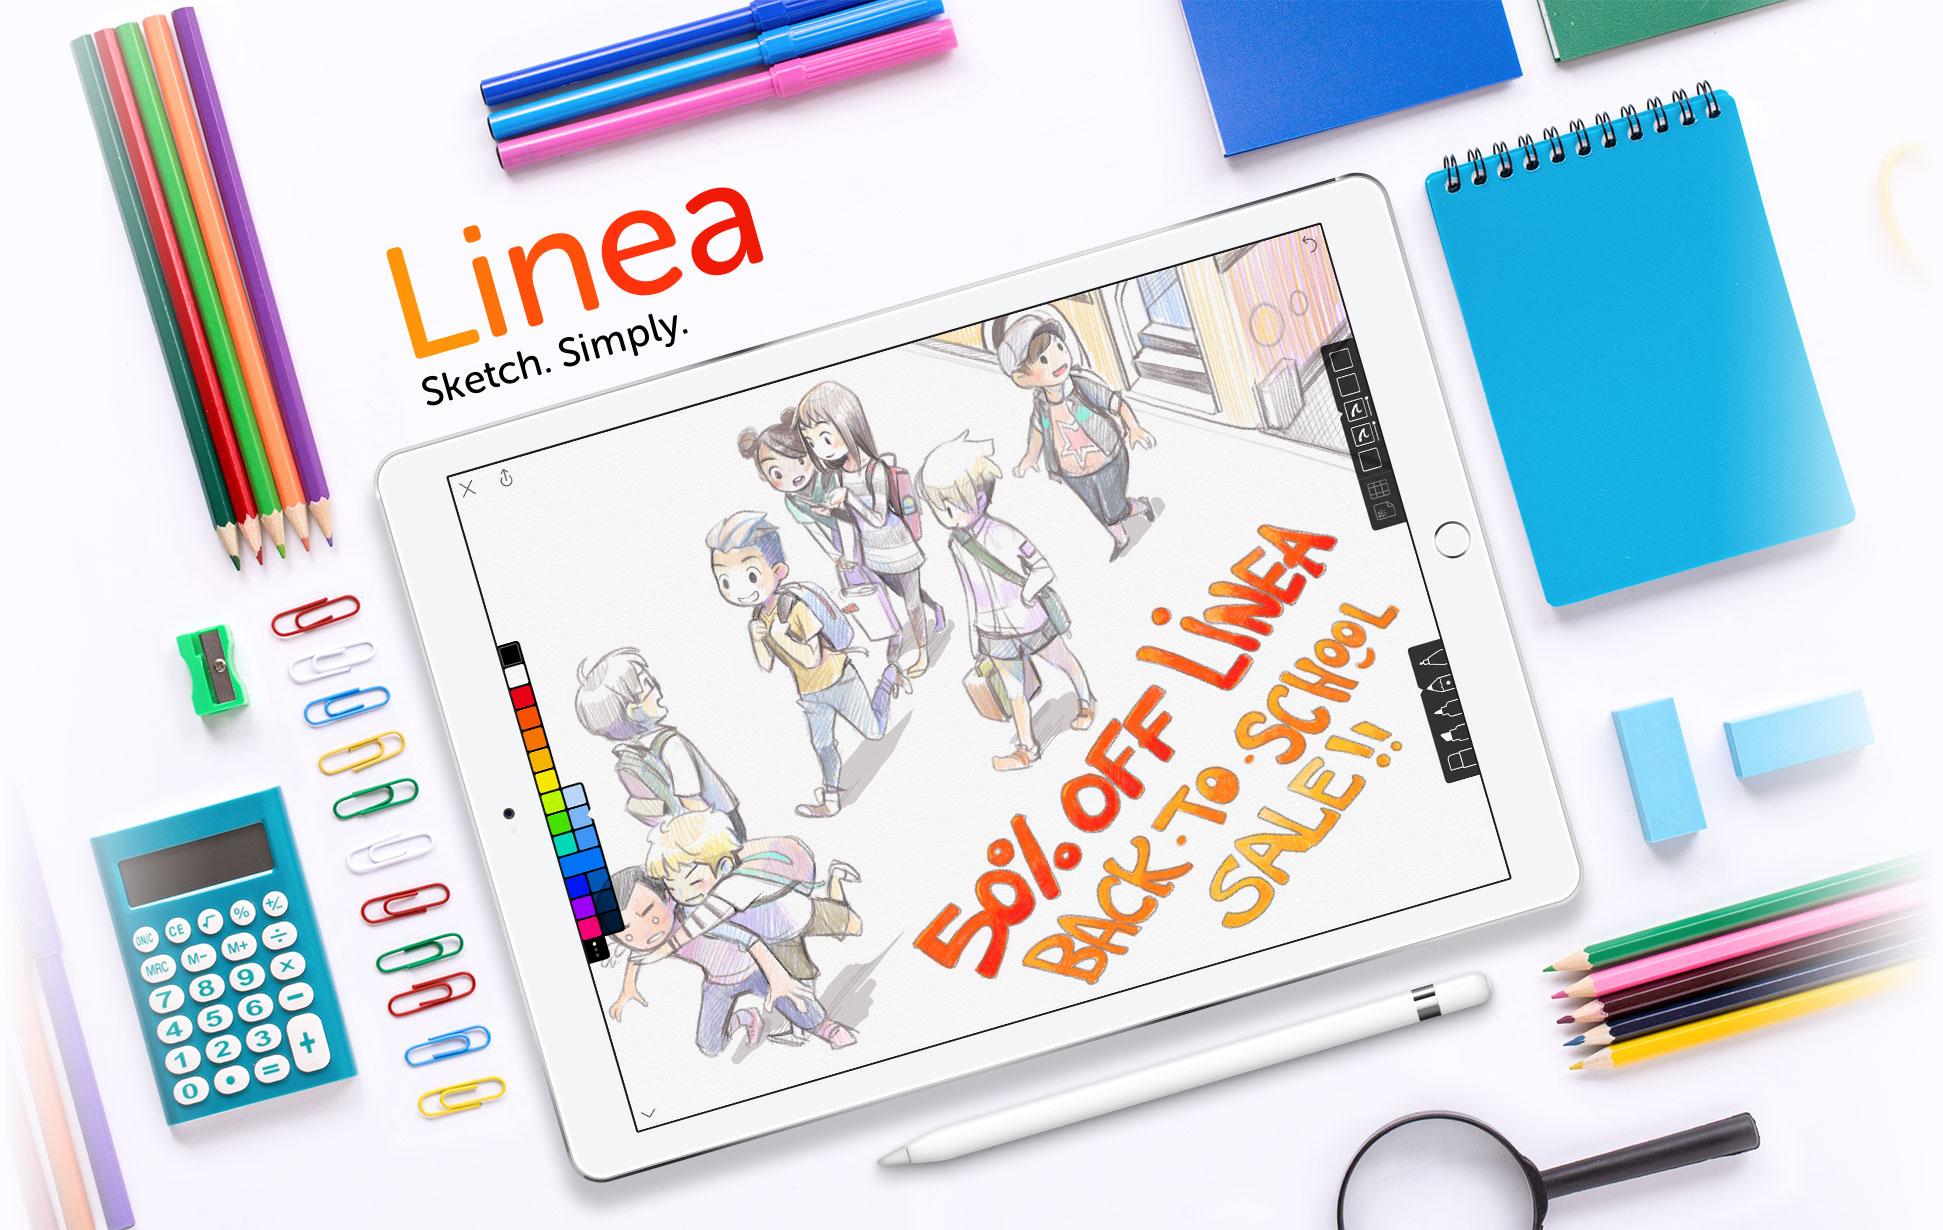 Tänane pakkumine App Store'is: Linea, Earth 3D, Tweetbot ja palju muud!